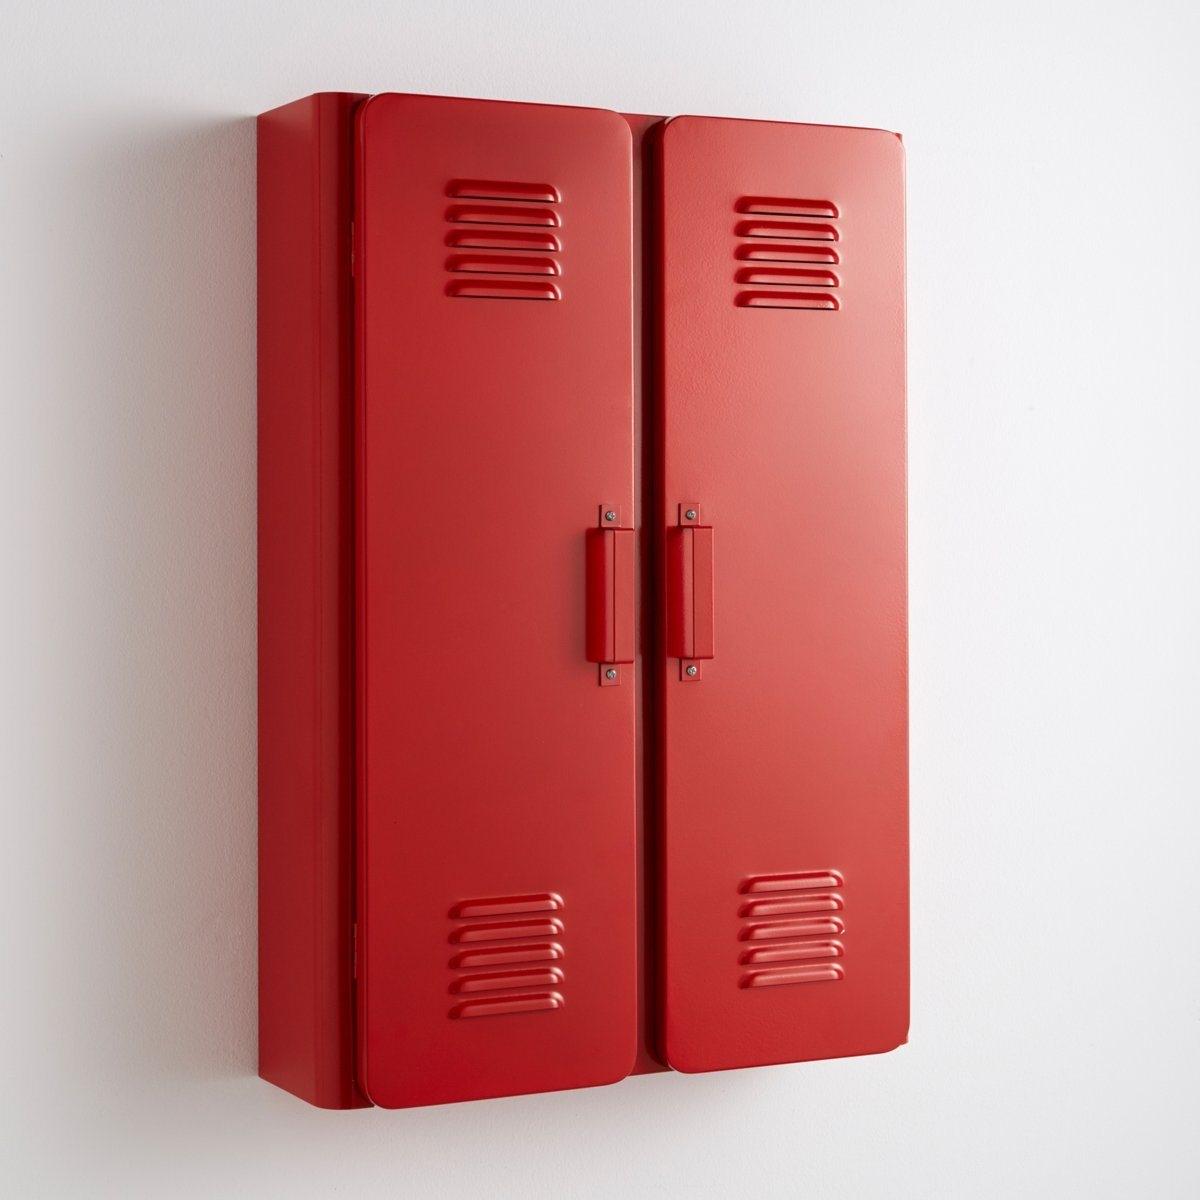 Шкаф для ванной,  HibaЭтот маленький металлический шкаф Hiba, выполнен в индустриальном стиле . Прекрасное дополнение к основной мебели, этот шкаф будет полезен в ванной, прихожей, детской или даже в рабочем кабинете .Описание маленького шкафа Hiba :2 дверцы с декоративными щелями .2 внутренние полки .Характеристики маленького шкафа Hiba :Из металла с эпоксидным покрытием .Металлические ручки .Найдите всю коллекцию Hiba на нашем сайте ..Размеры маленького шкафа Hiba :Общие :Длина : 45 см Высота : 65 смГлубина : 14 смВнутри :Длина : 38 смВысота : 19,7 смГлубина : 10,8 смРазмер и вес с упаковкой :1 упаковка77 x 51 x 17 см, 8,25 кгДоставка :Шкаф Hiba продается готовым к сборке . Доставка вешалки осуществляется до квартиры !Внимание ! Убедитесь, что посылку возможно доставить на дом, учитывая ее габариты.:.<br><br>Цвет: антрацит,белый,красный,розовый